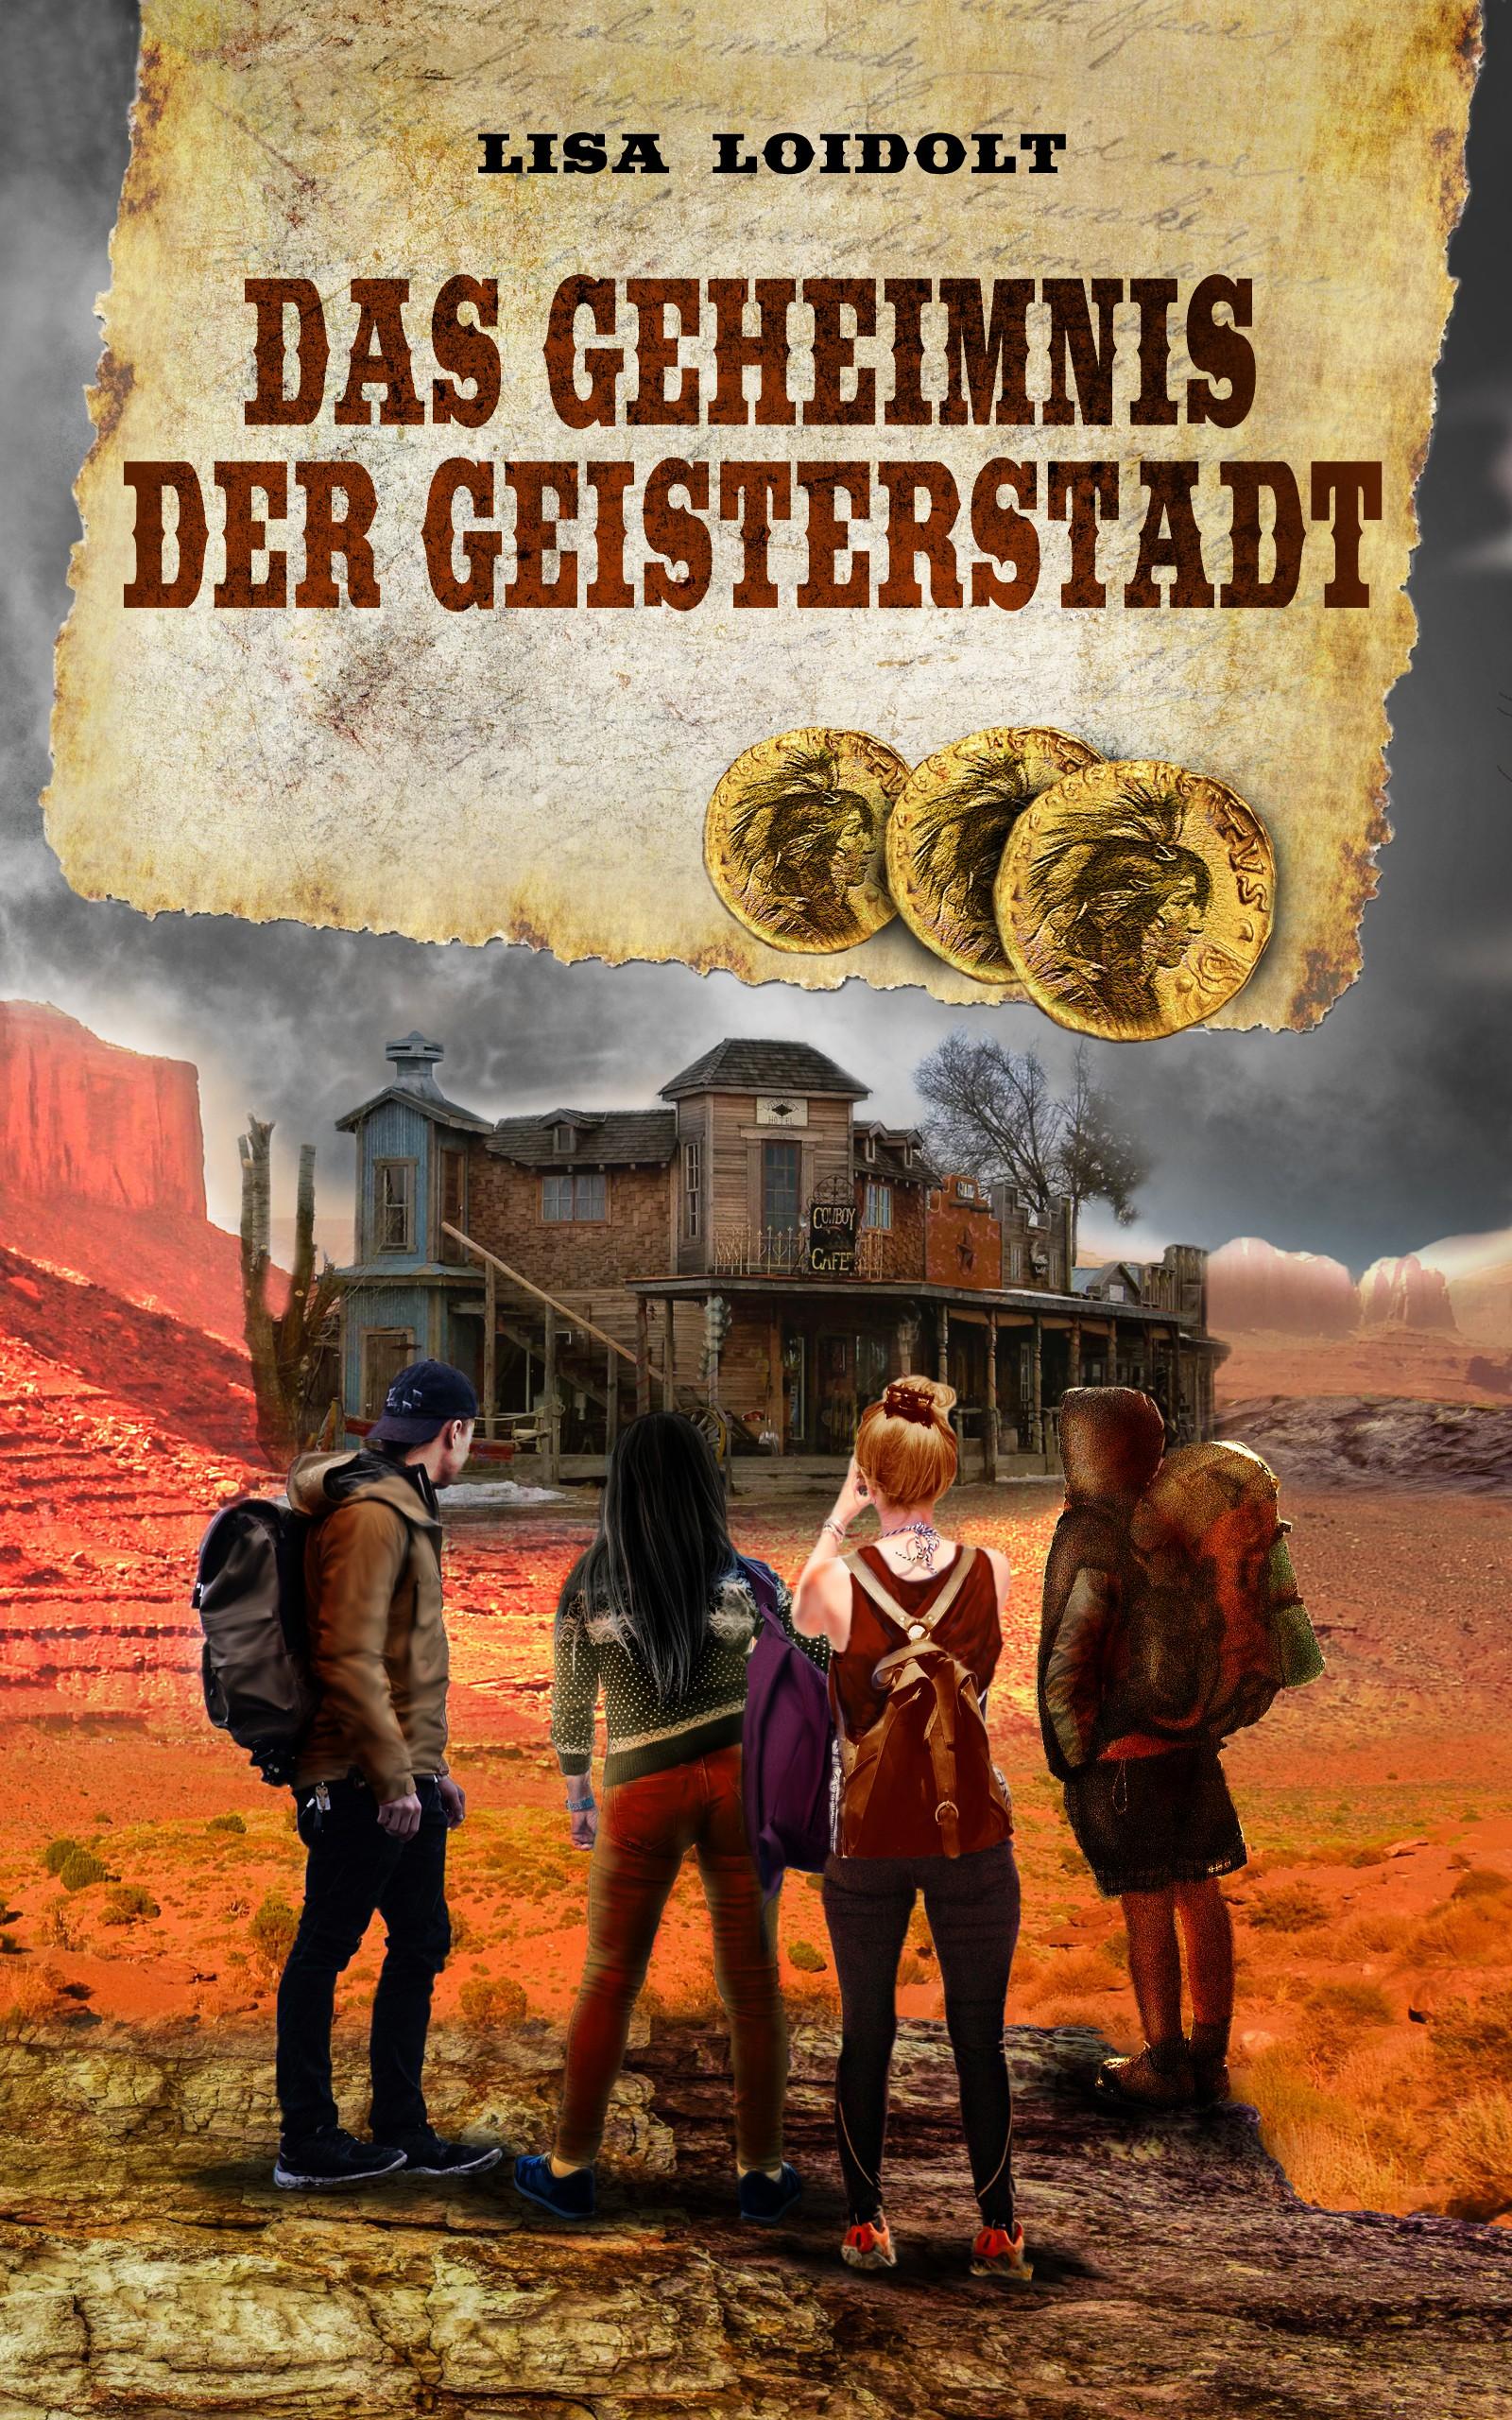 Gestalte das Cover für einen spannenden Abenteuerroman/ Design the cover for an exciting adventure novel